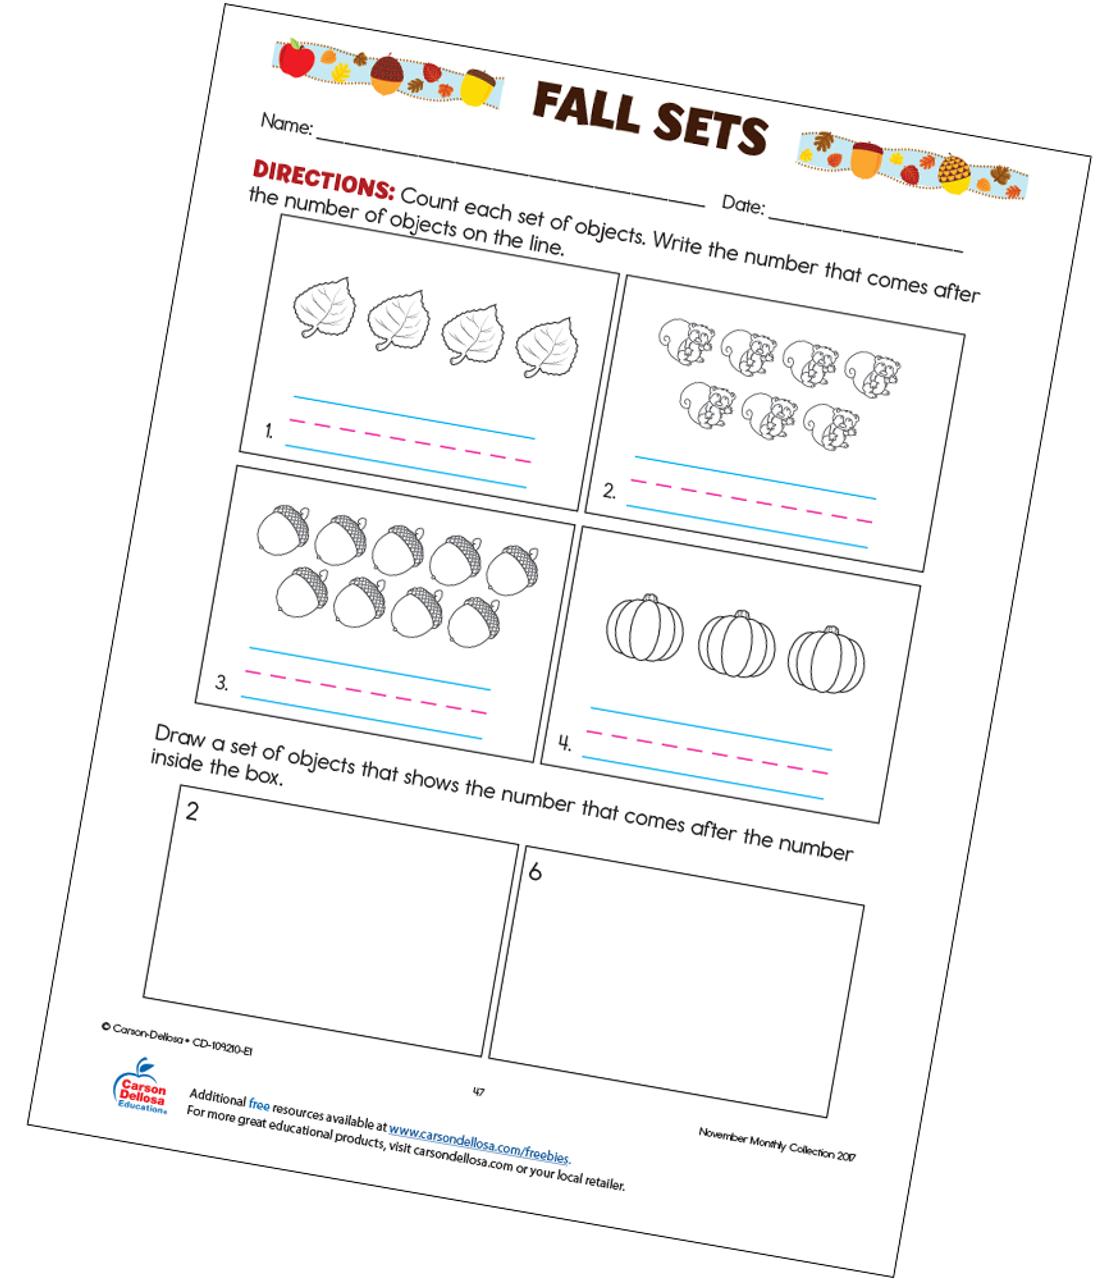 Fall Sets Free Printable | Carson Dellosa